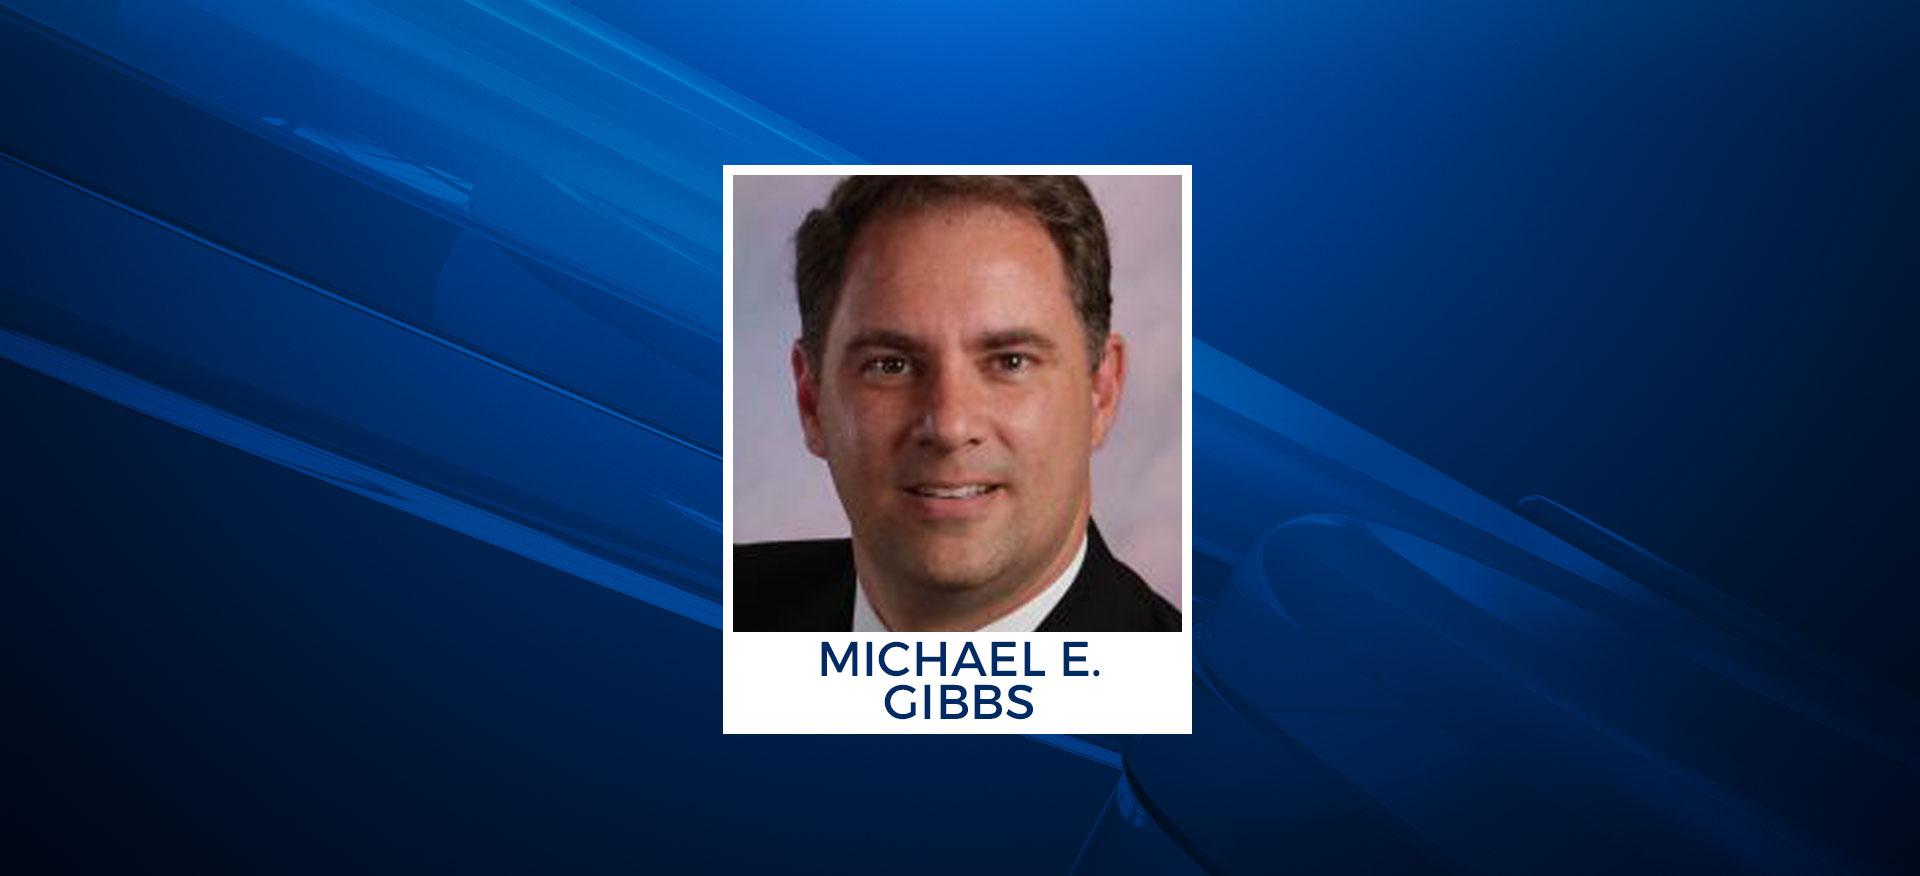 Michael E. Gibbs Michael Gibbs Avera Heart Hospital President